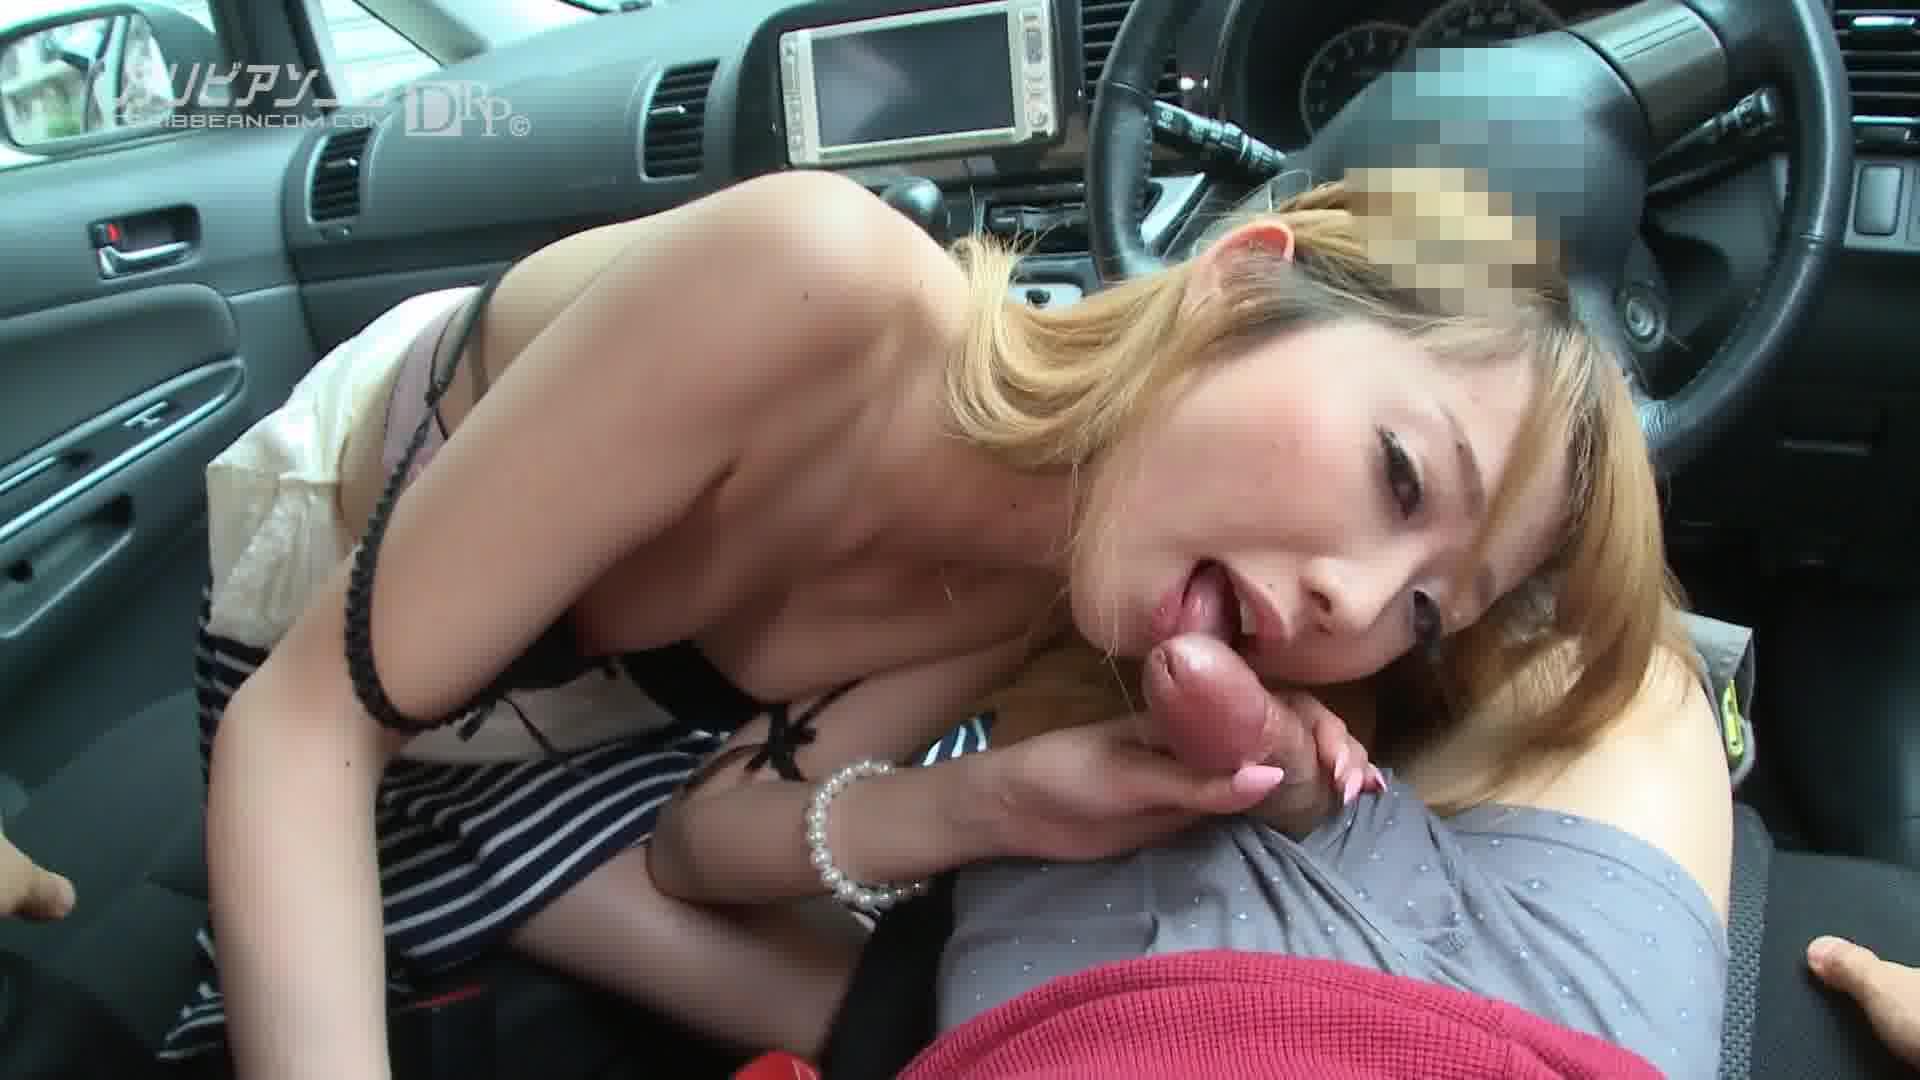 そうだ温泉に行こう。~可愛い彼女とハメ撮りしました~ - 相澤ひなた【ギャル・スレンダー・ハメ撮り】